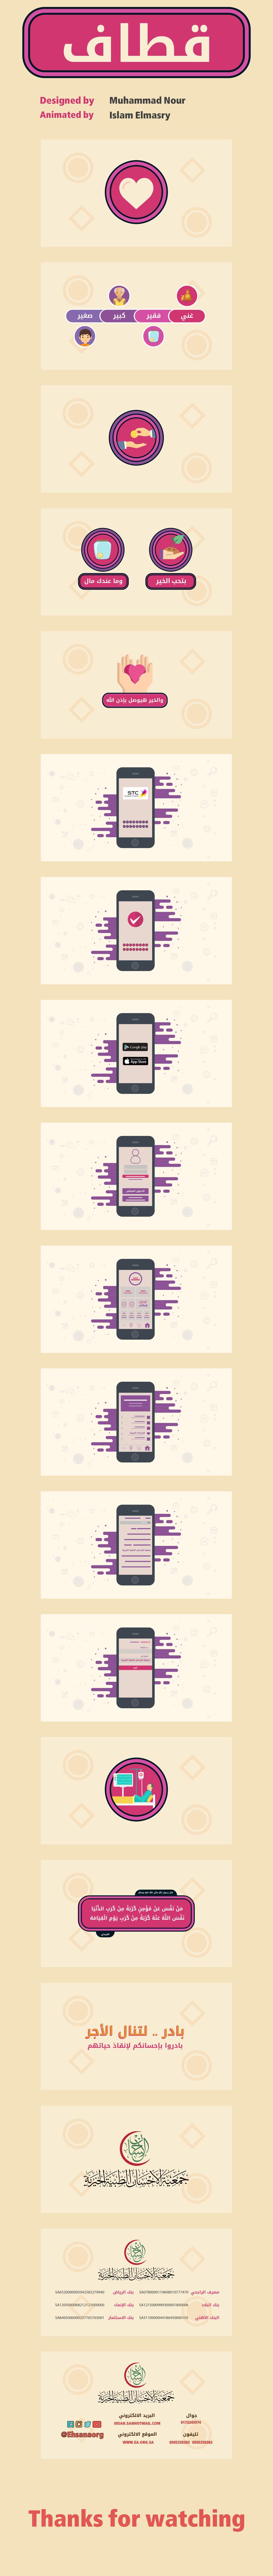 Qetaf Motion Graphic